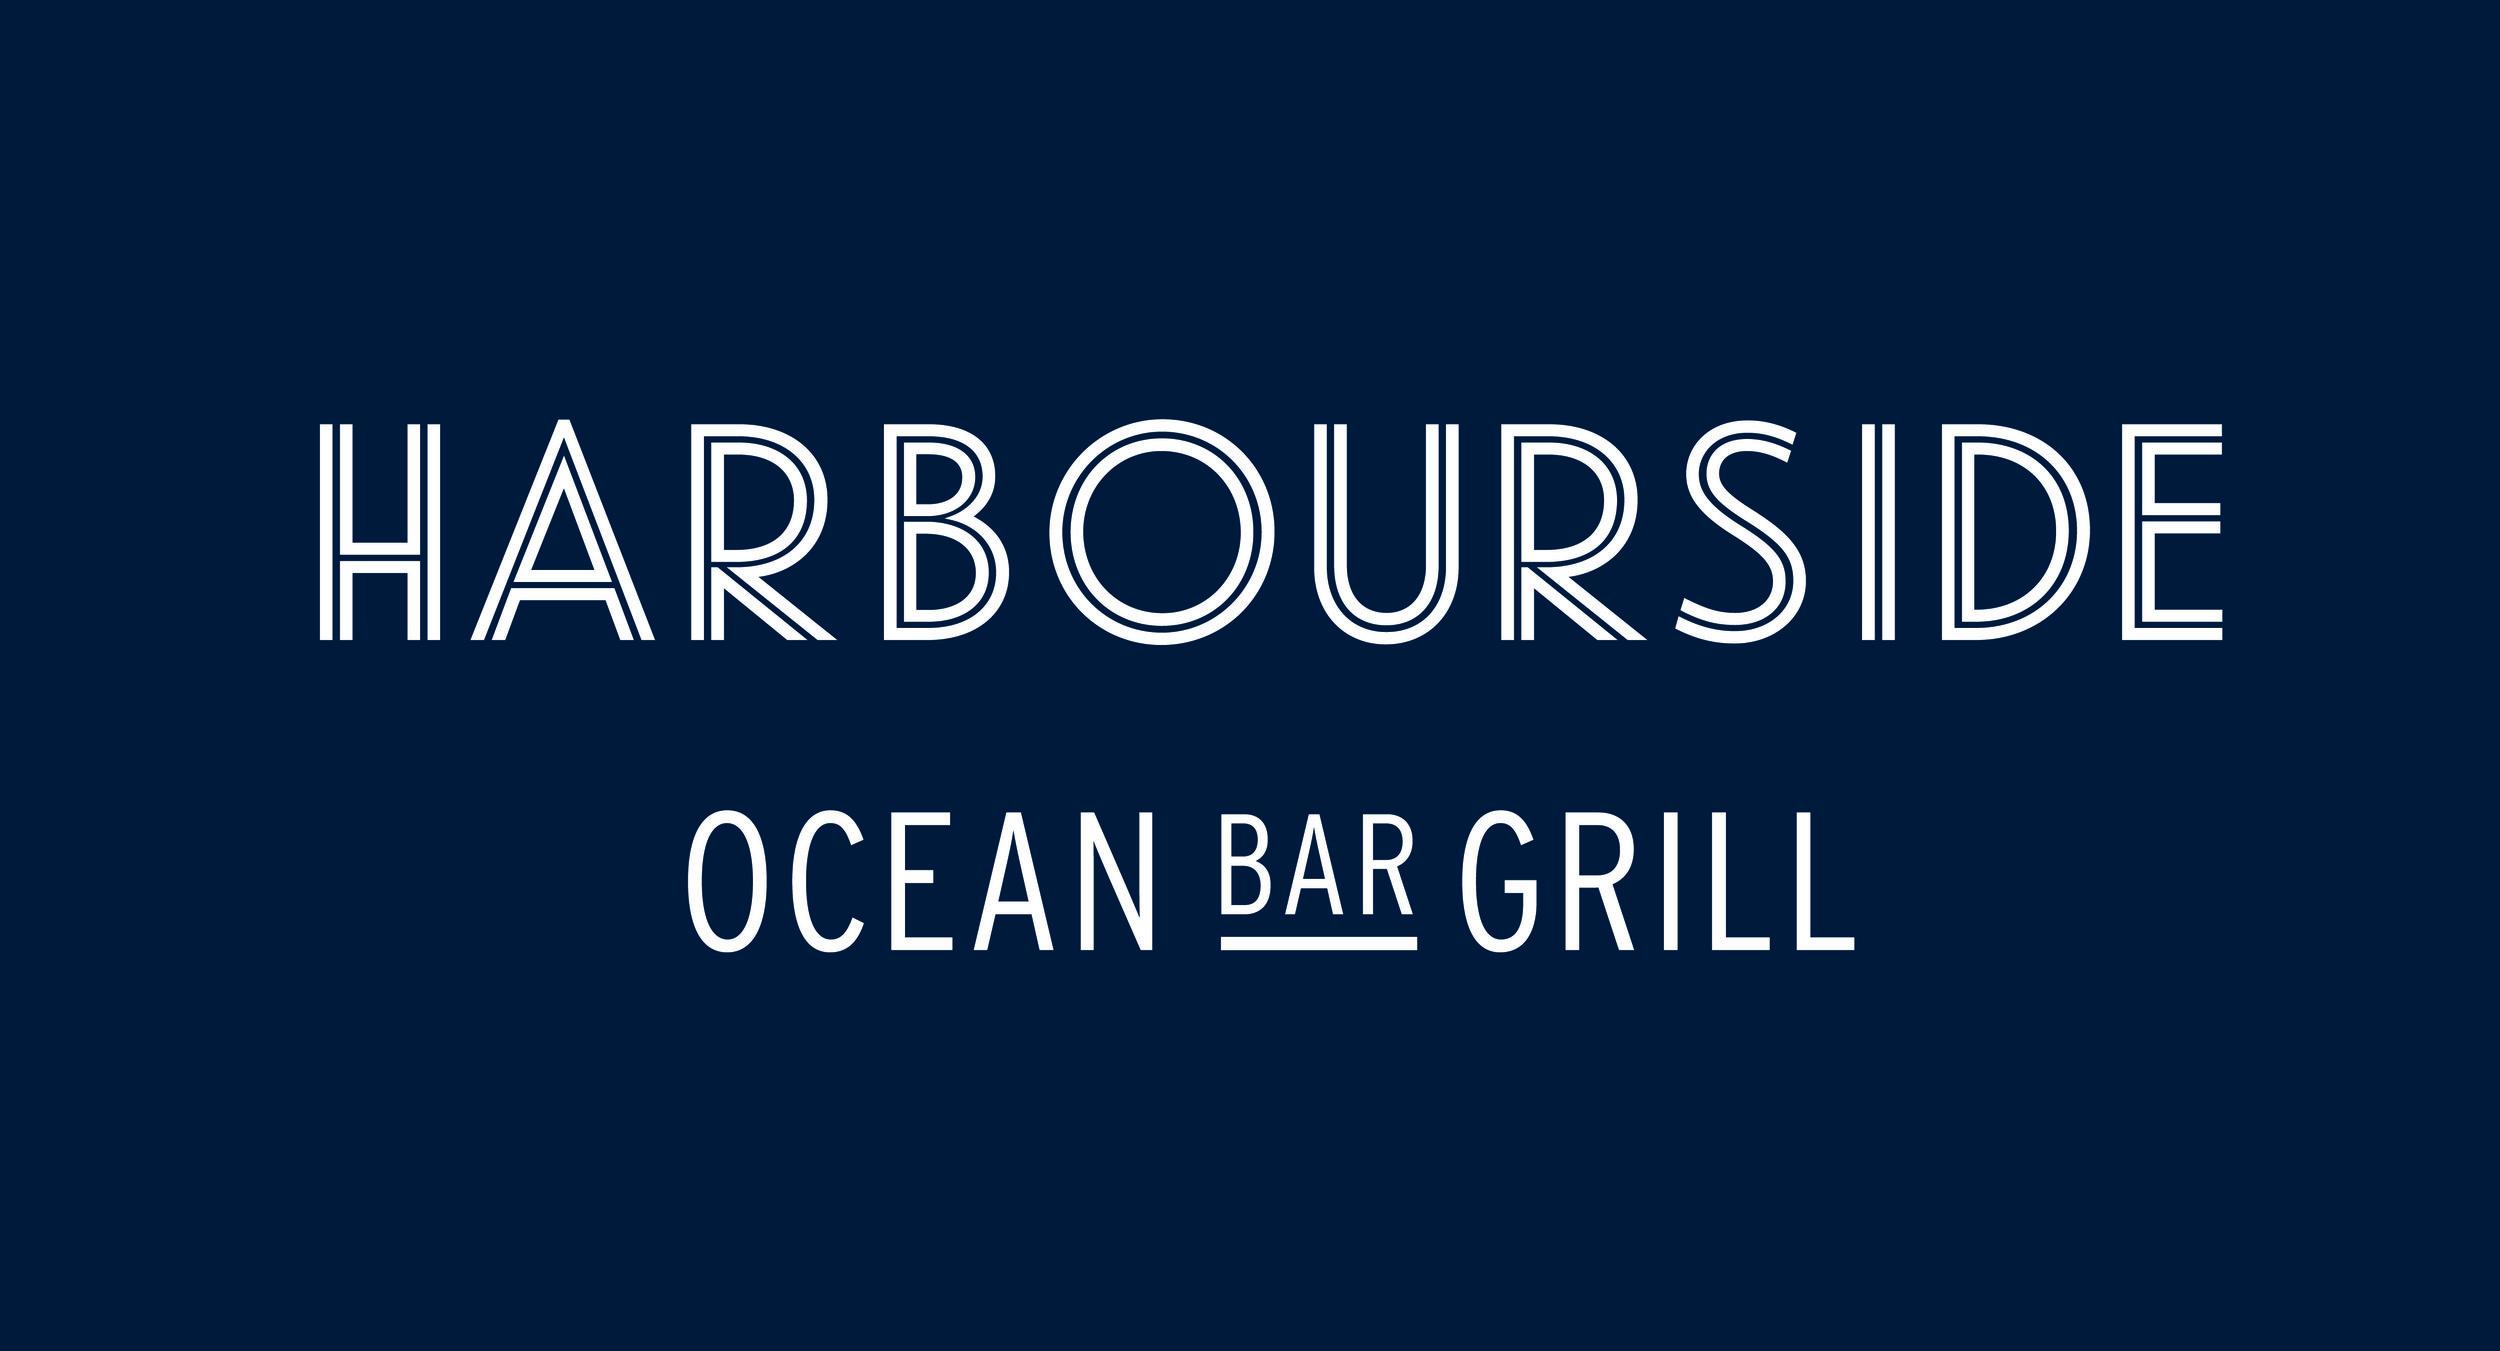 Harbourside_High logo.jpg